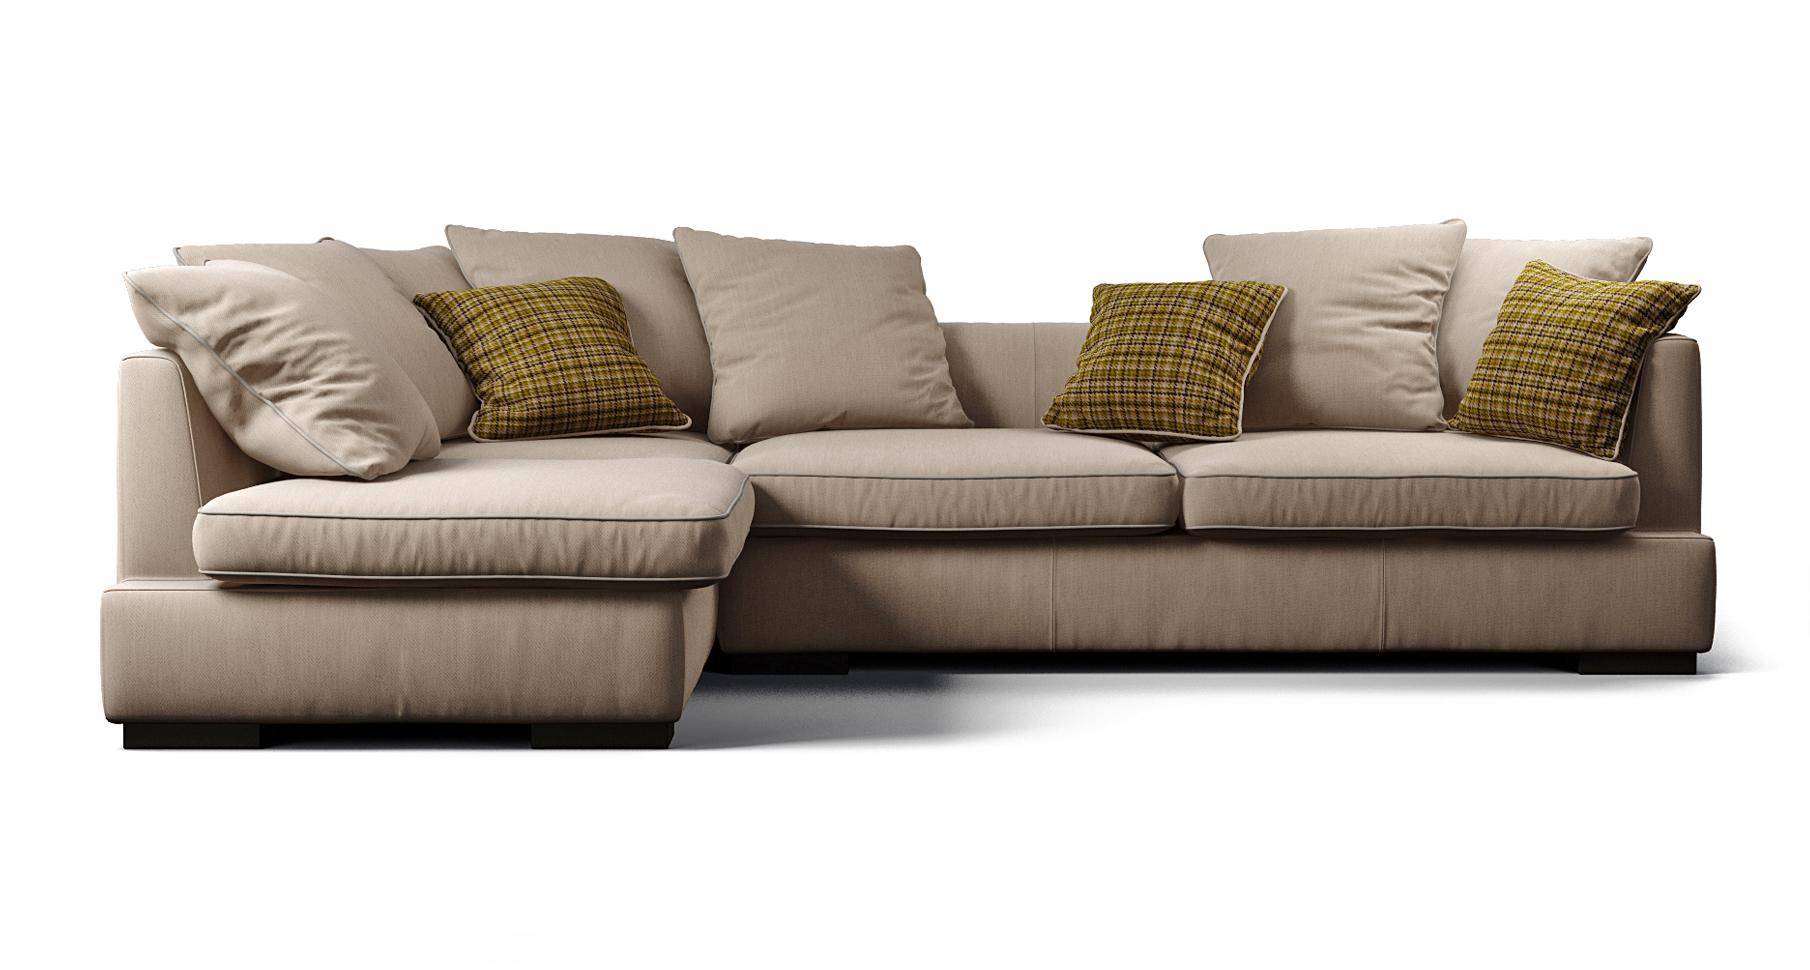 Выбор дивана для своего дома